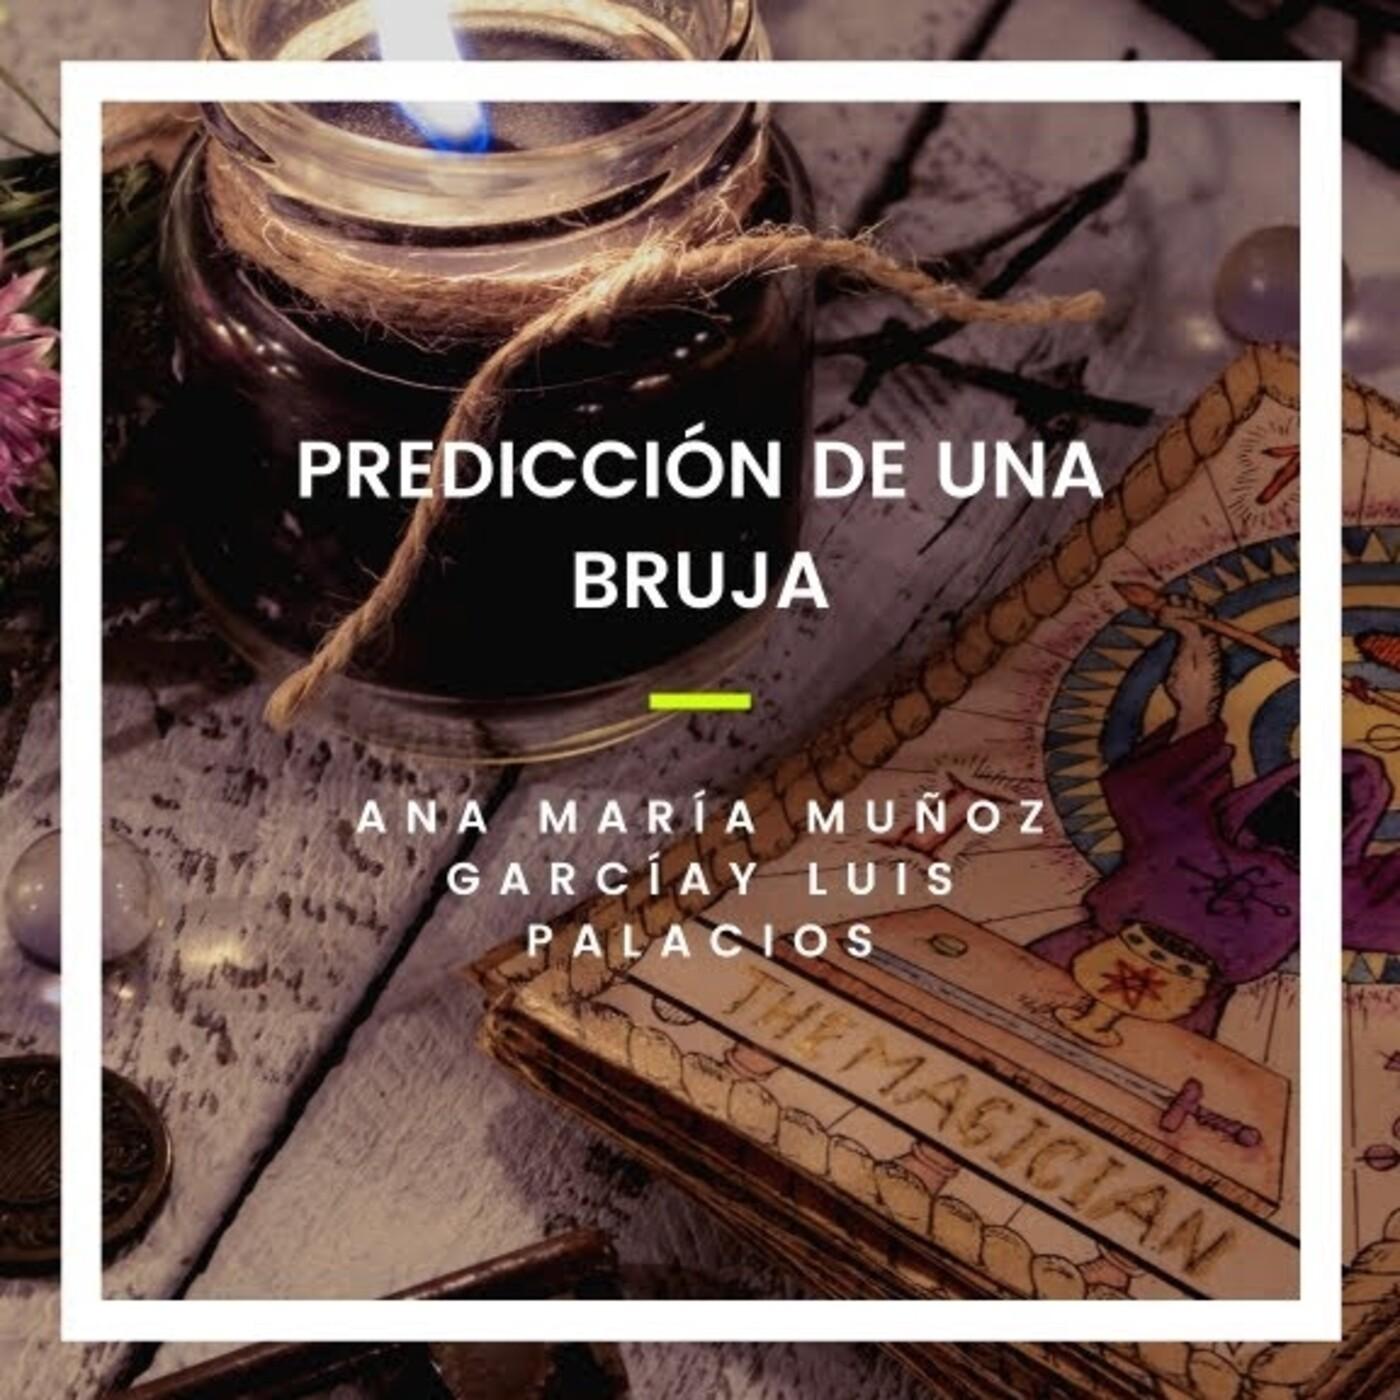 PREDICCIONES DE UNA BRUJA con Ana María Muñoz y Luis Palacios